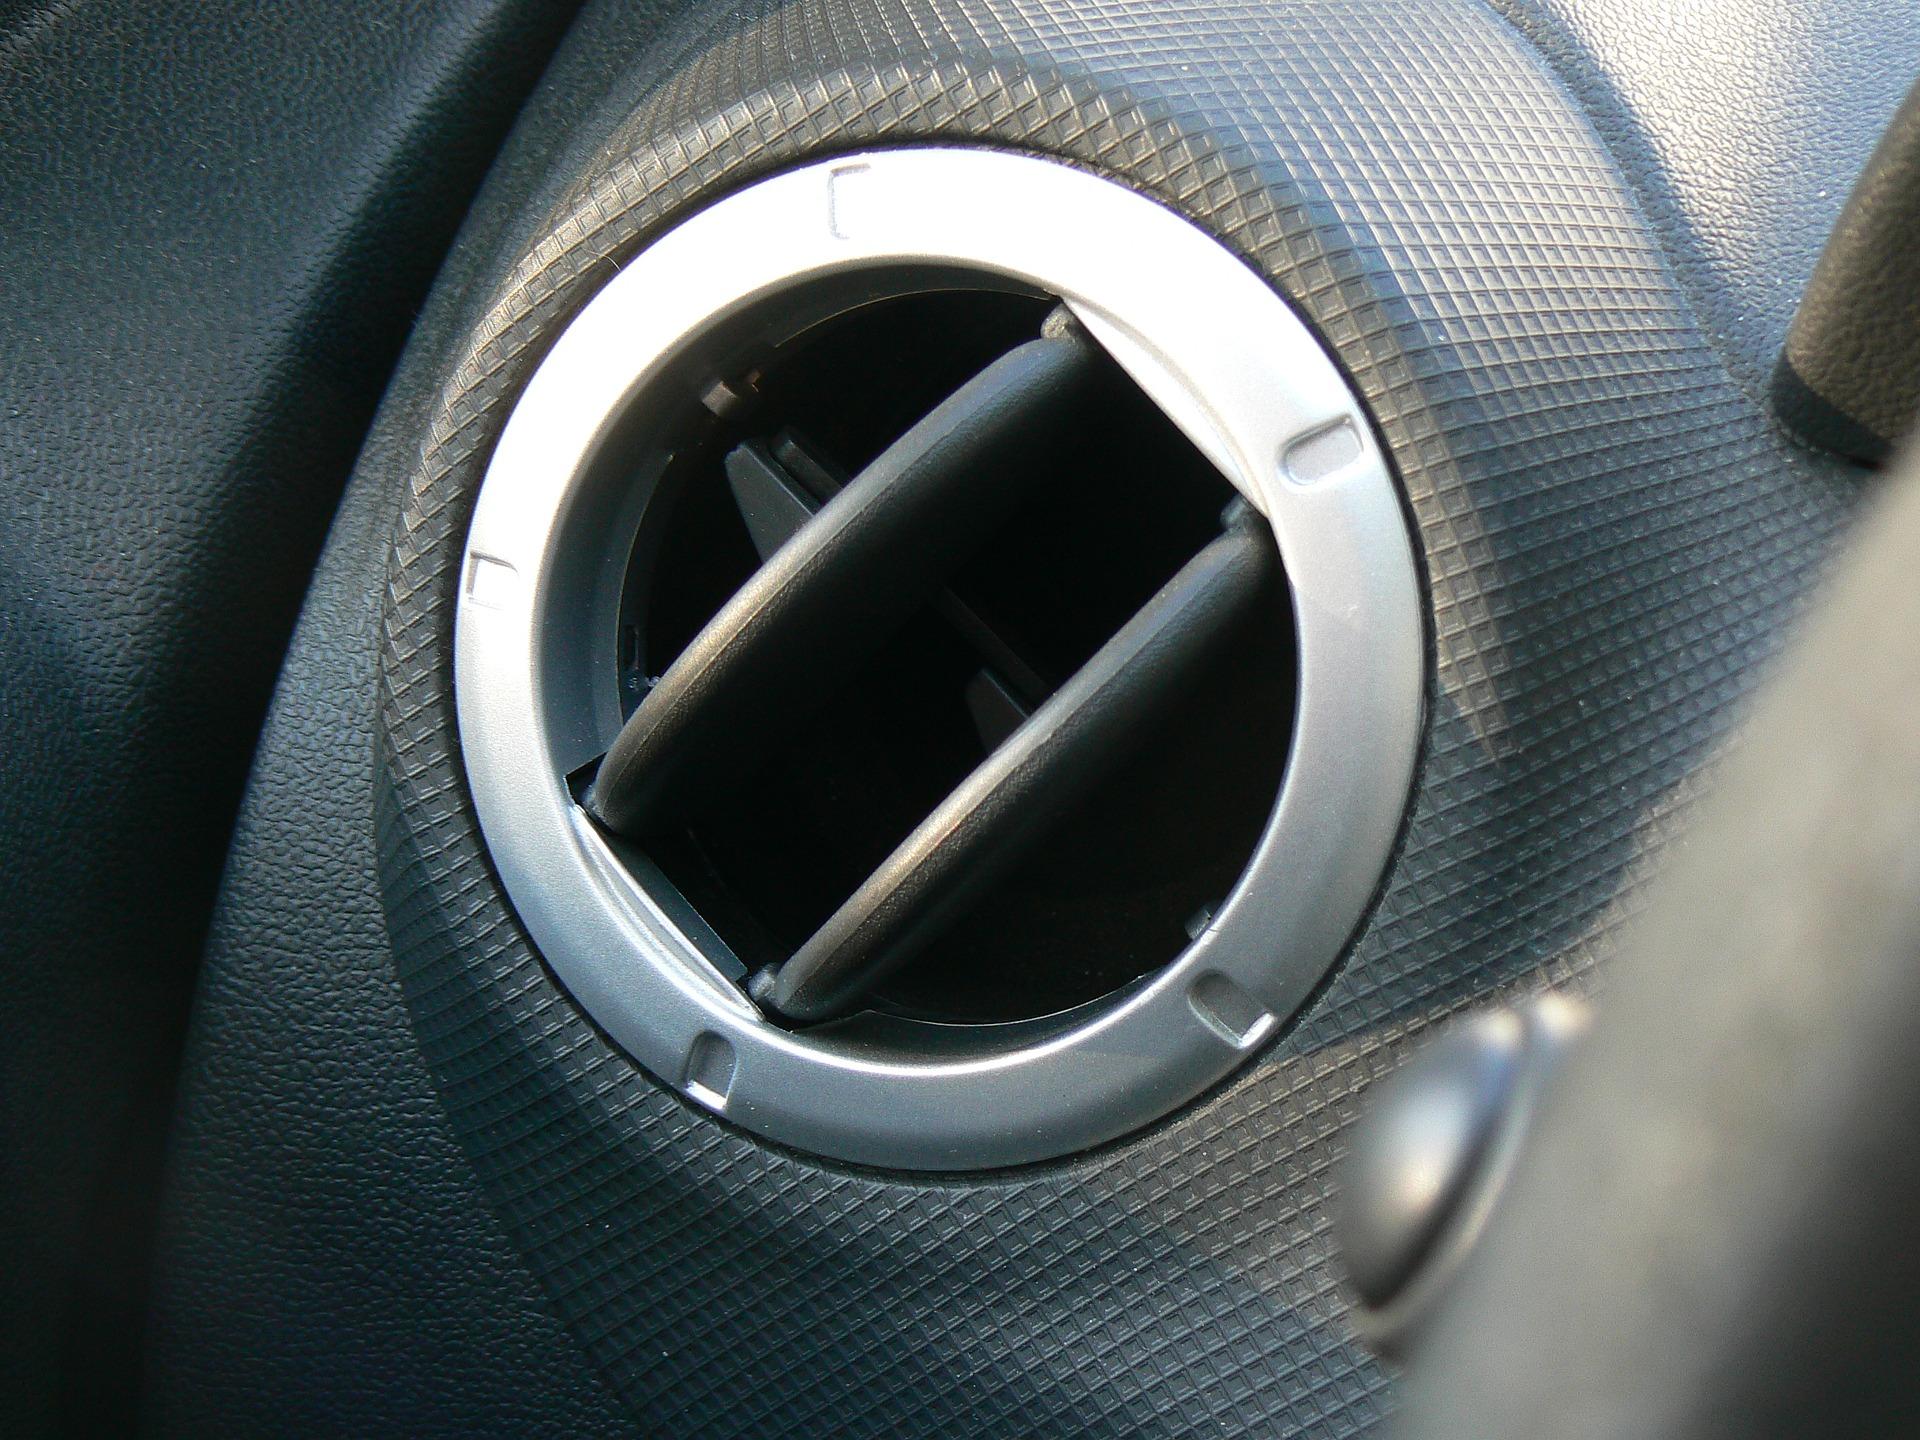 Cómo utilizar correctamente la calefacción del coche